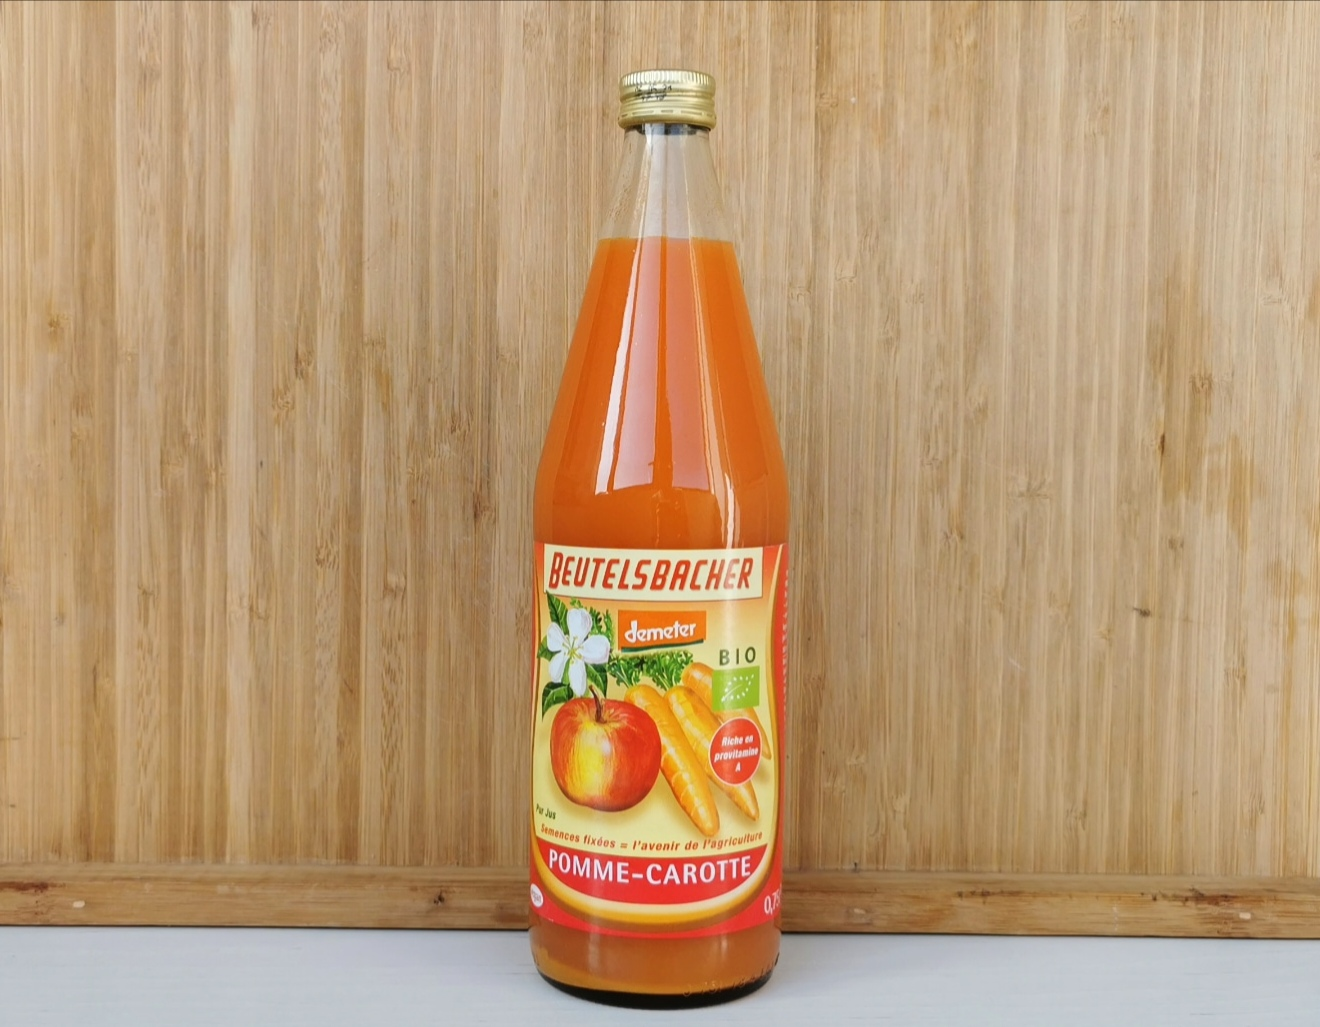 jus de pomme carotte Demeter